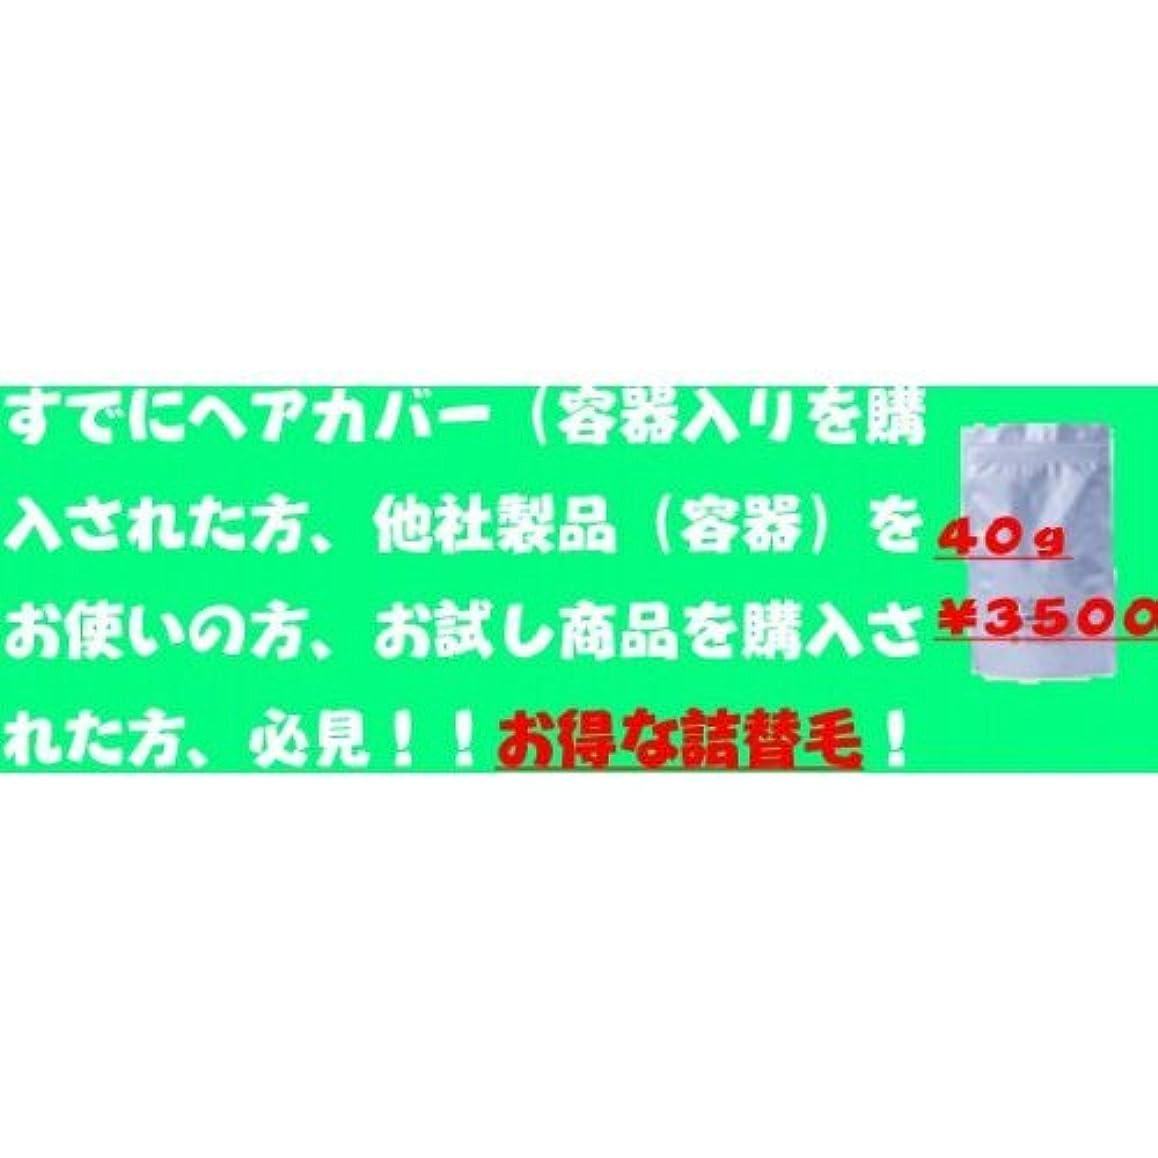 コンパス黙審判男女兼用?増毛パウダー? 詰め替え (黒?栗黒?茶?グレー?白) (栗黒)